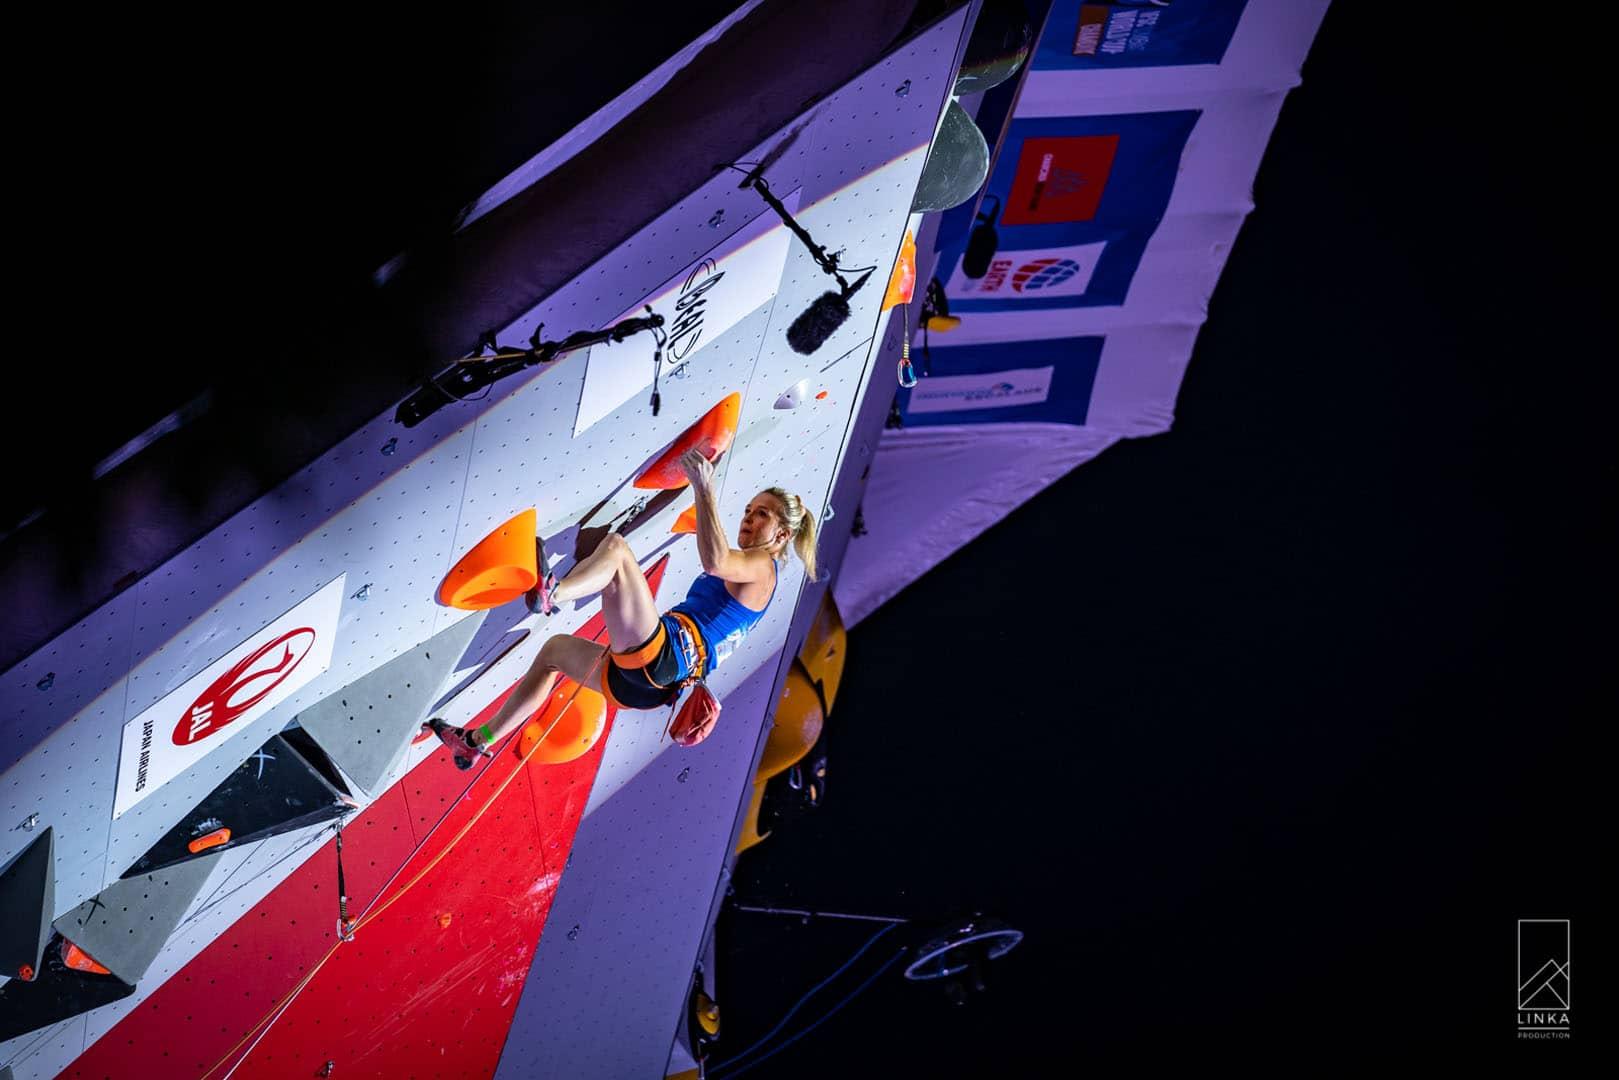 Chanourdie et Jenft en finale à Chamonix